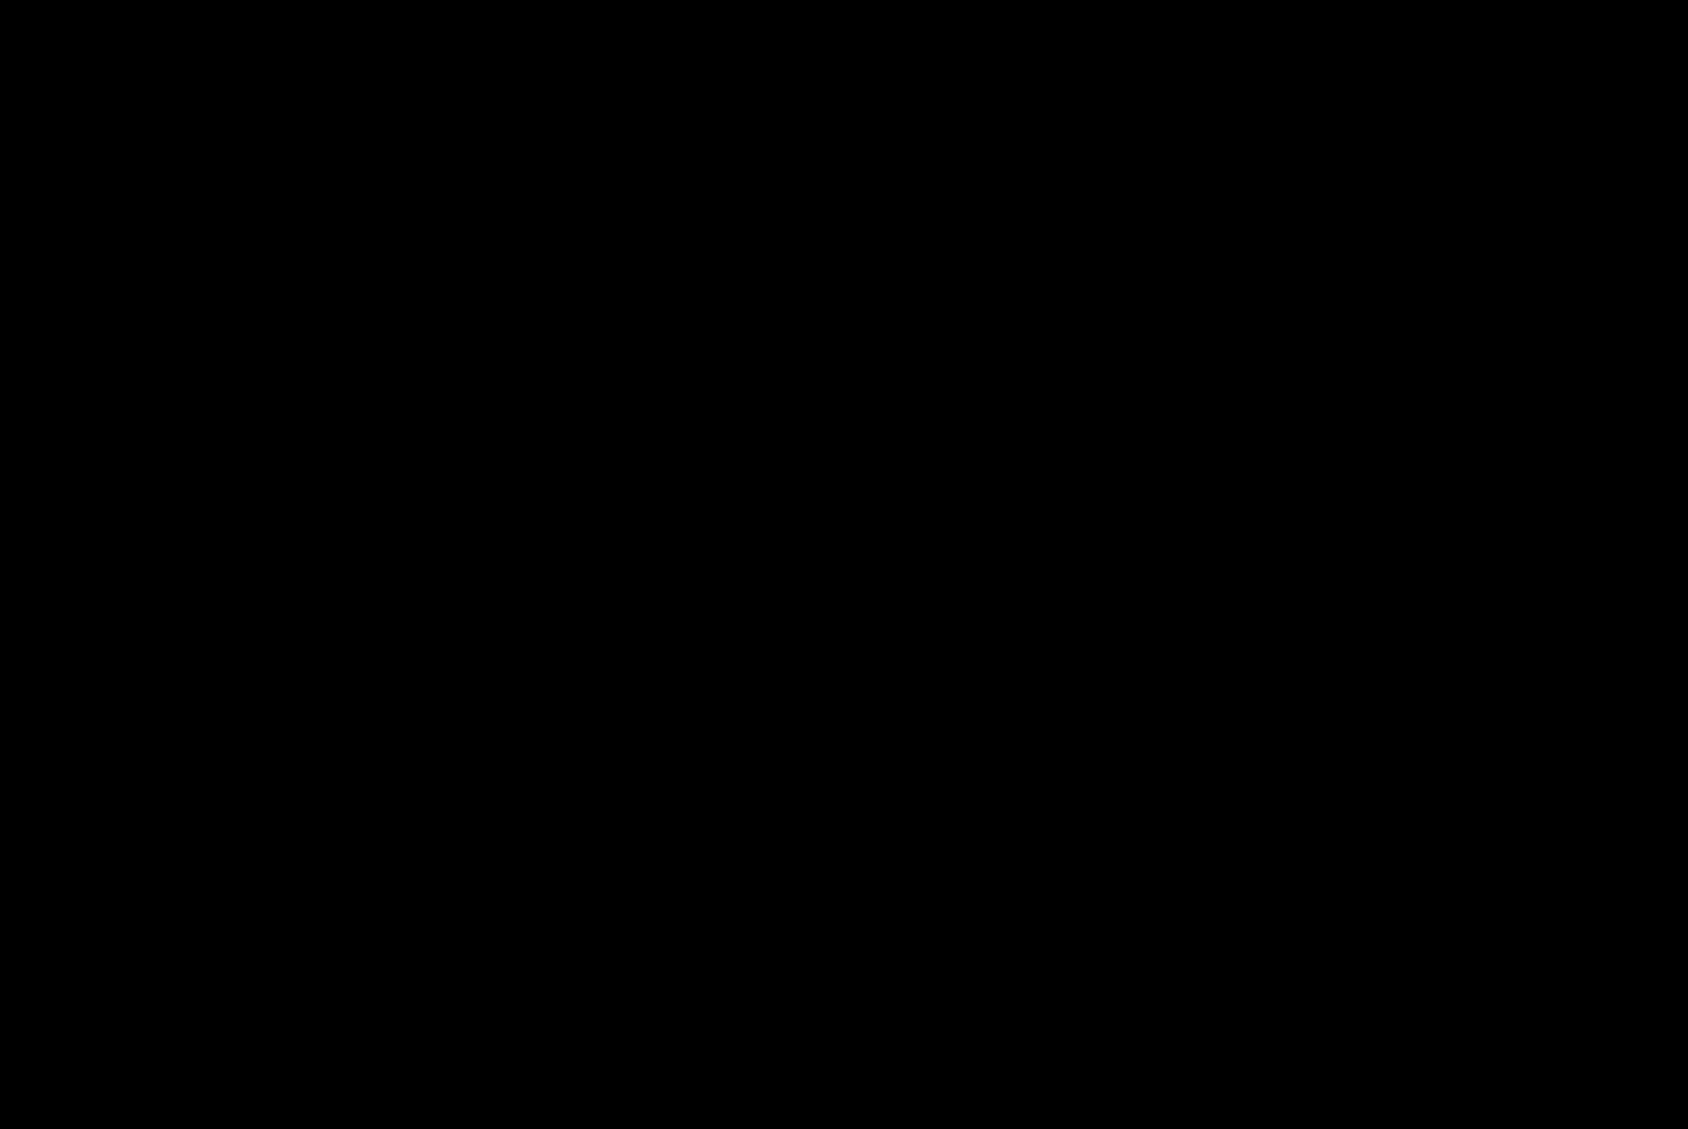 helatomic-illustration-vector-04.png